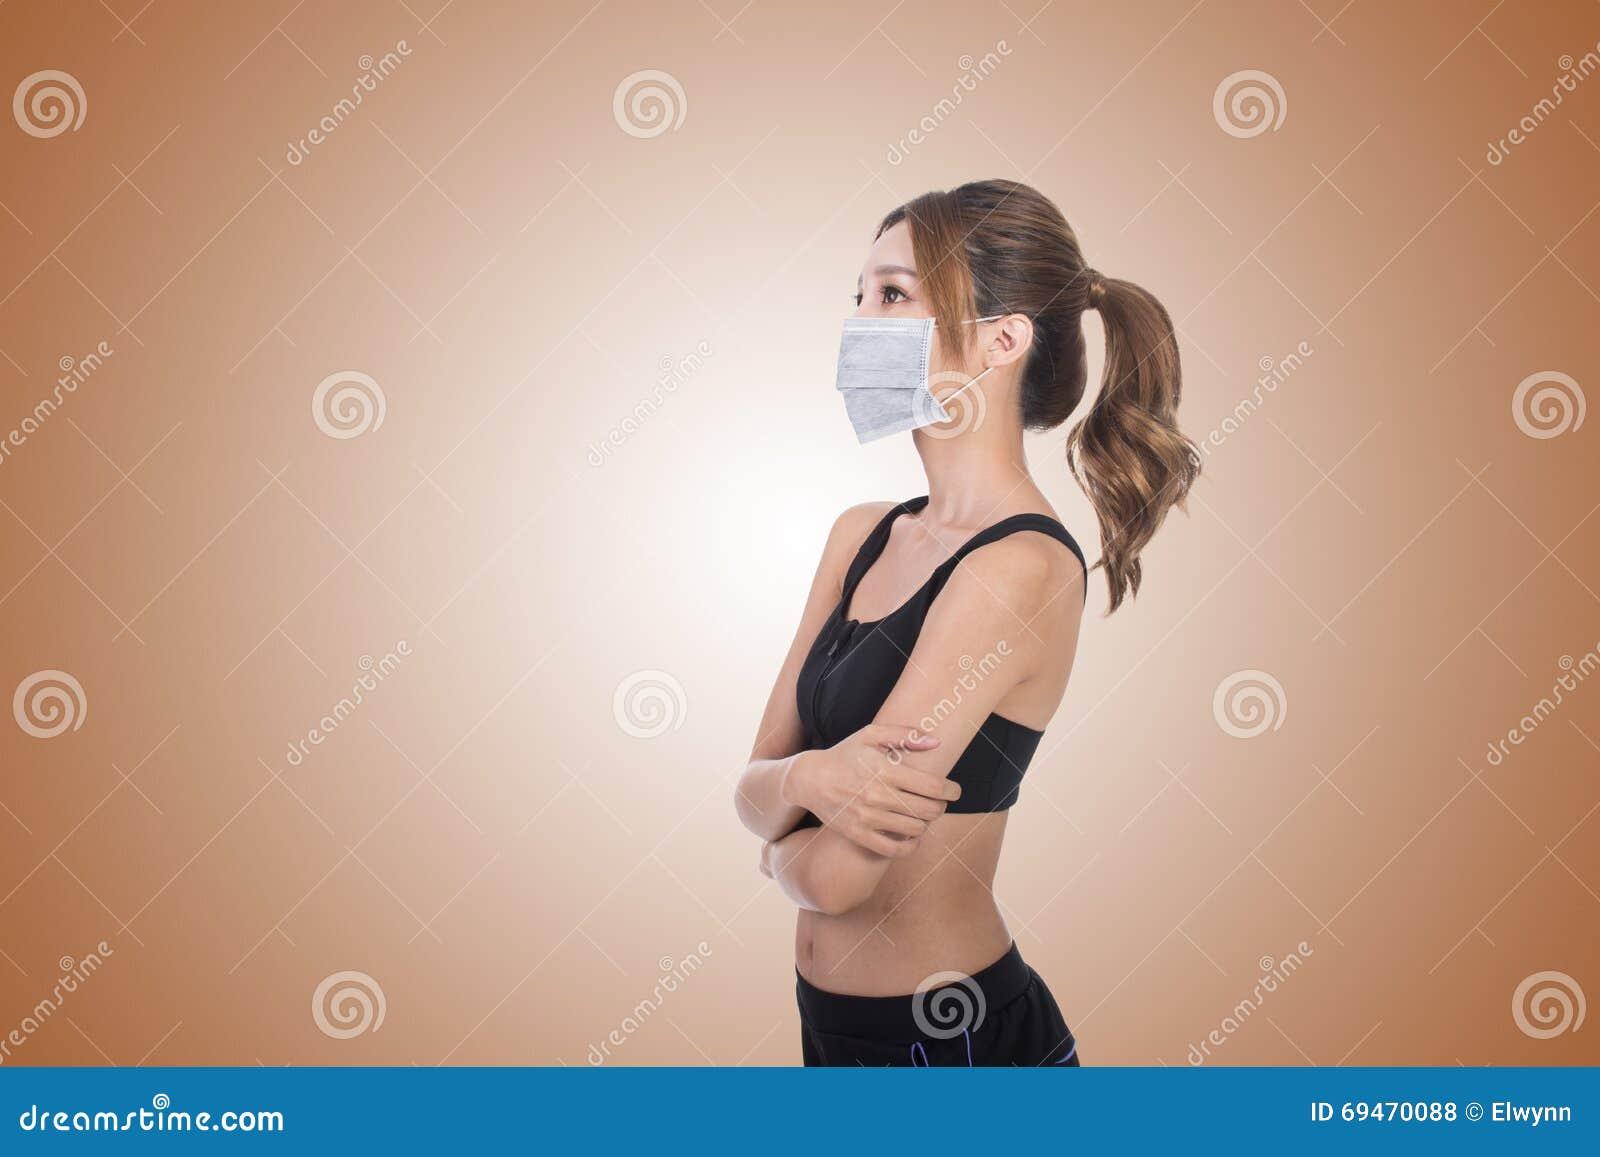 Aziatische vrouw met masker